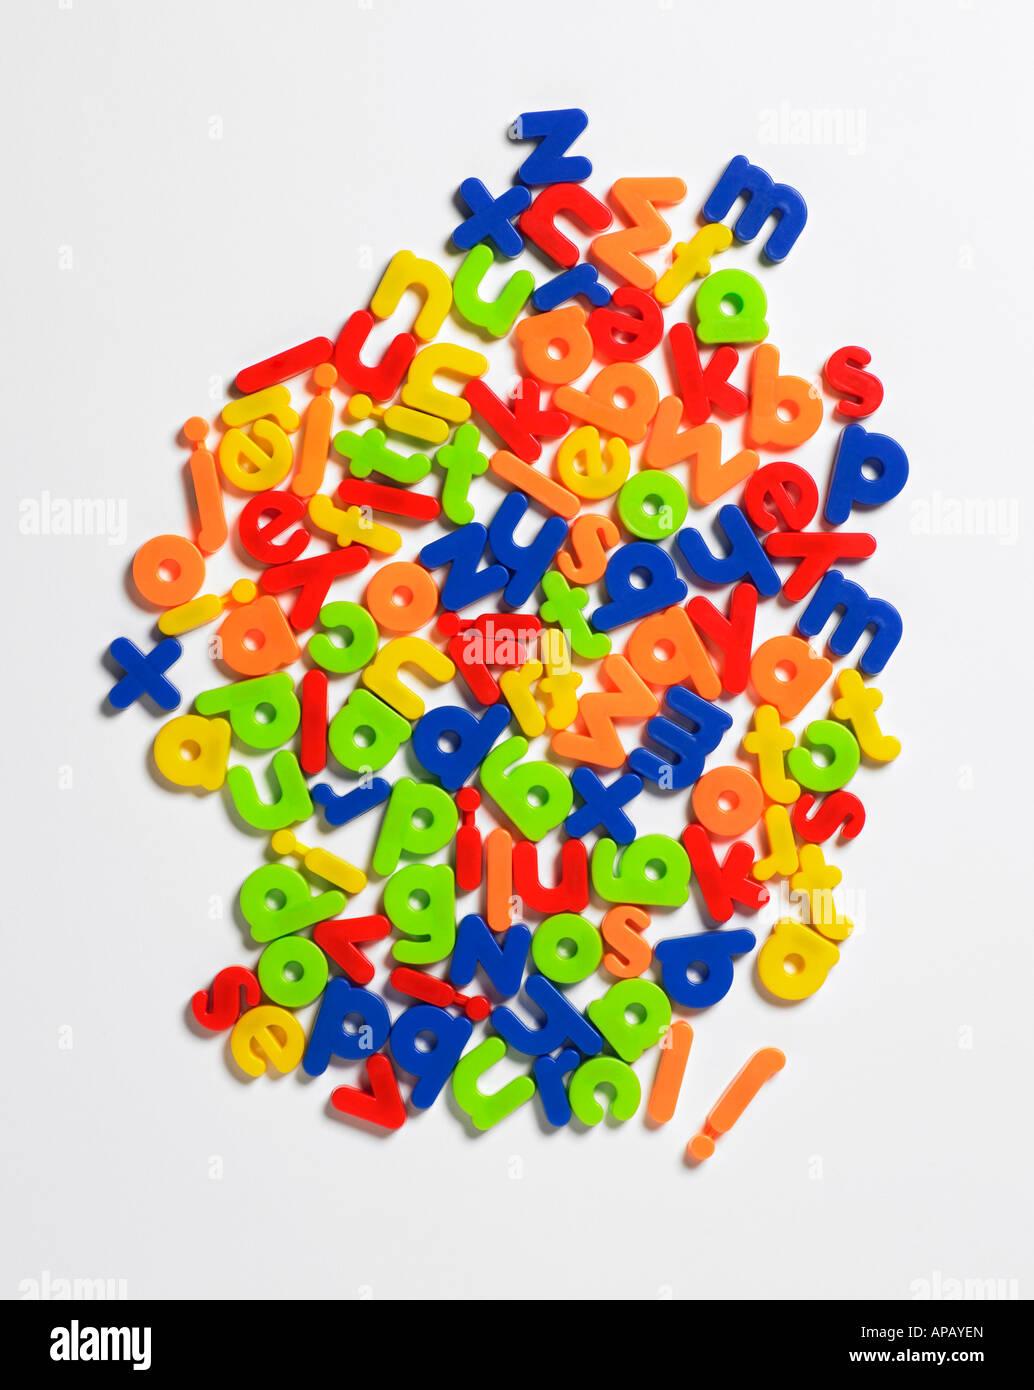 cartas plástico Imagen De Stock